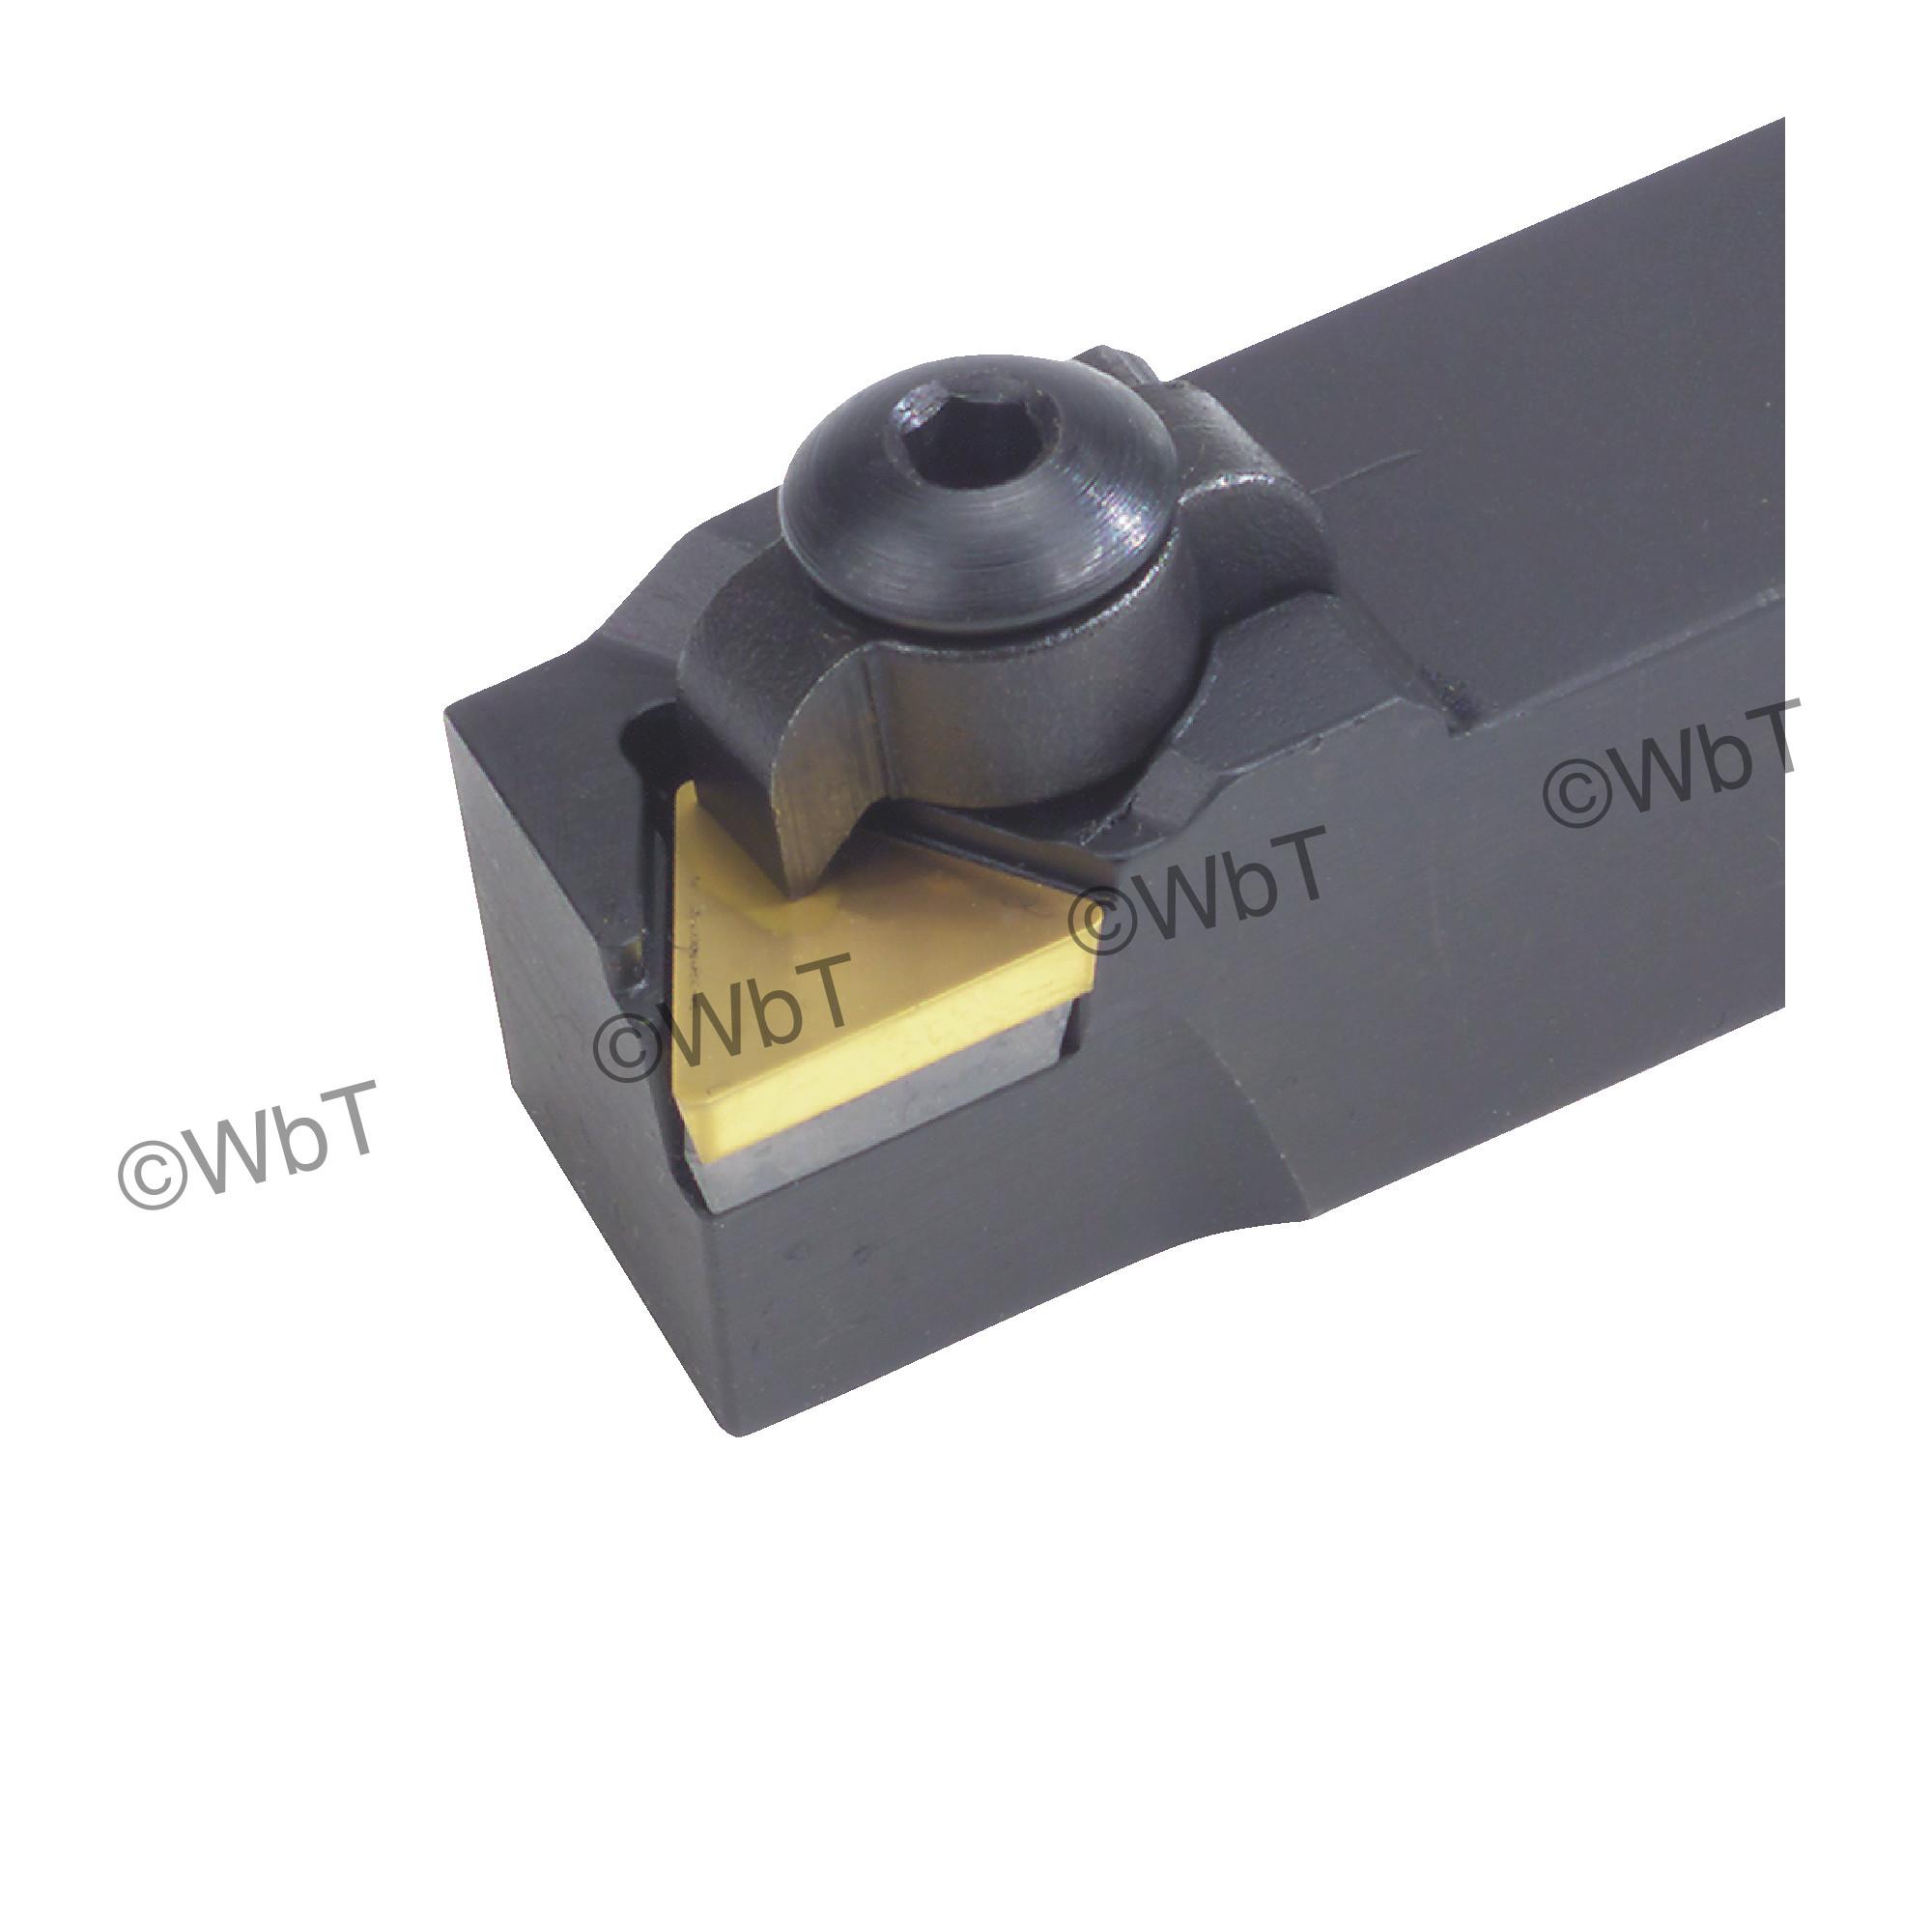 """DORIAN - CTAPL16-3D / 1.000"""" Tool Holder for TPG32_  Inserts / Left Hand"""